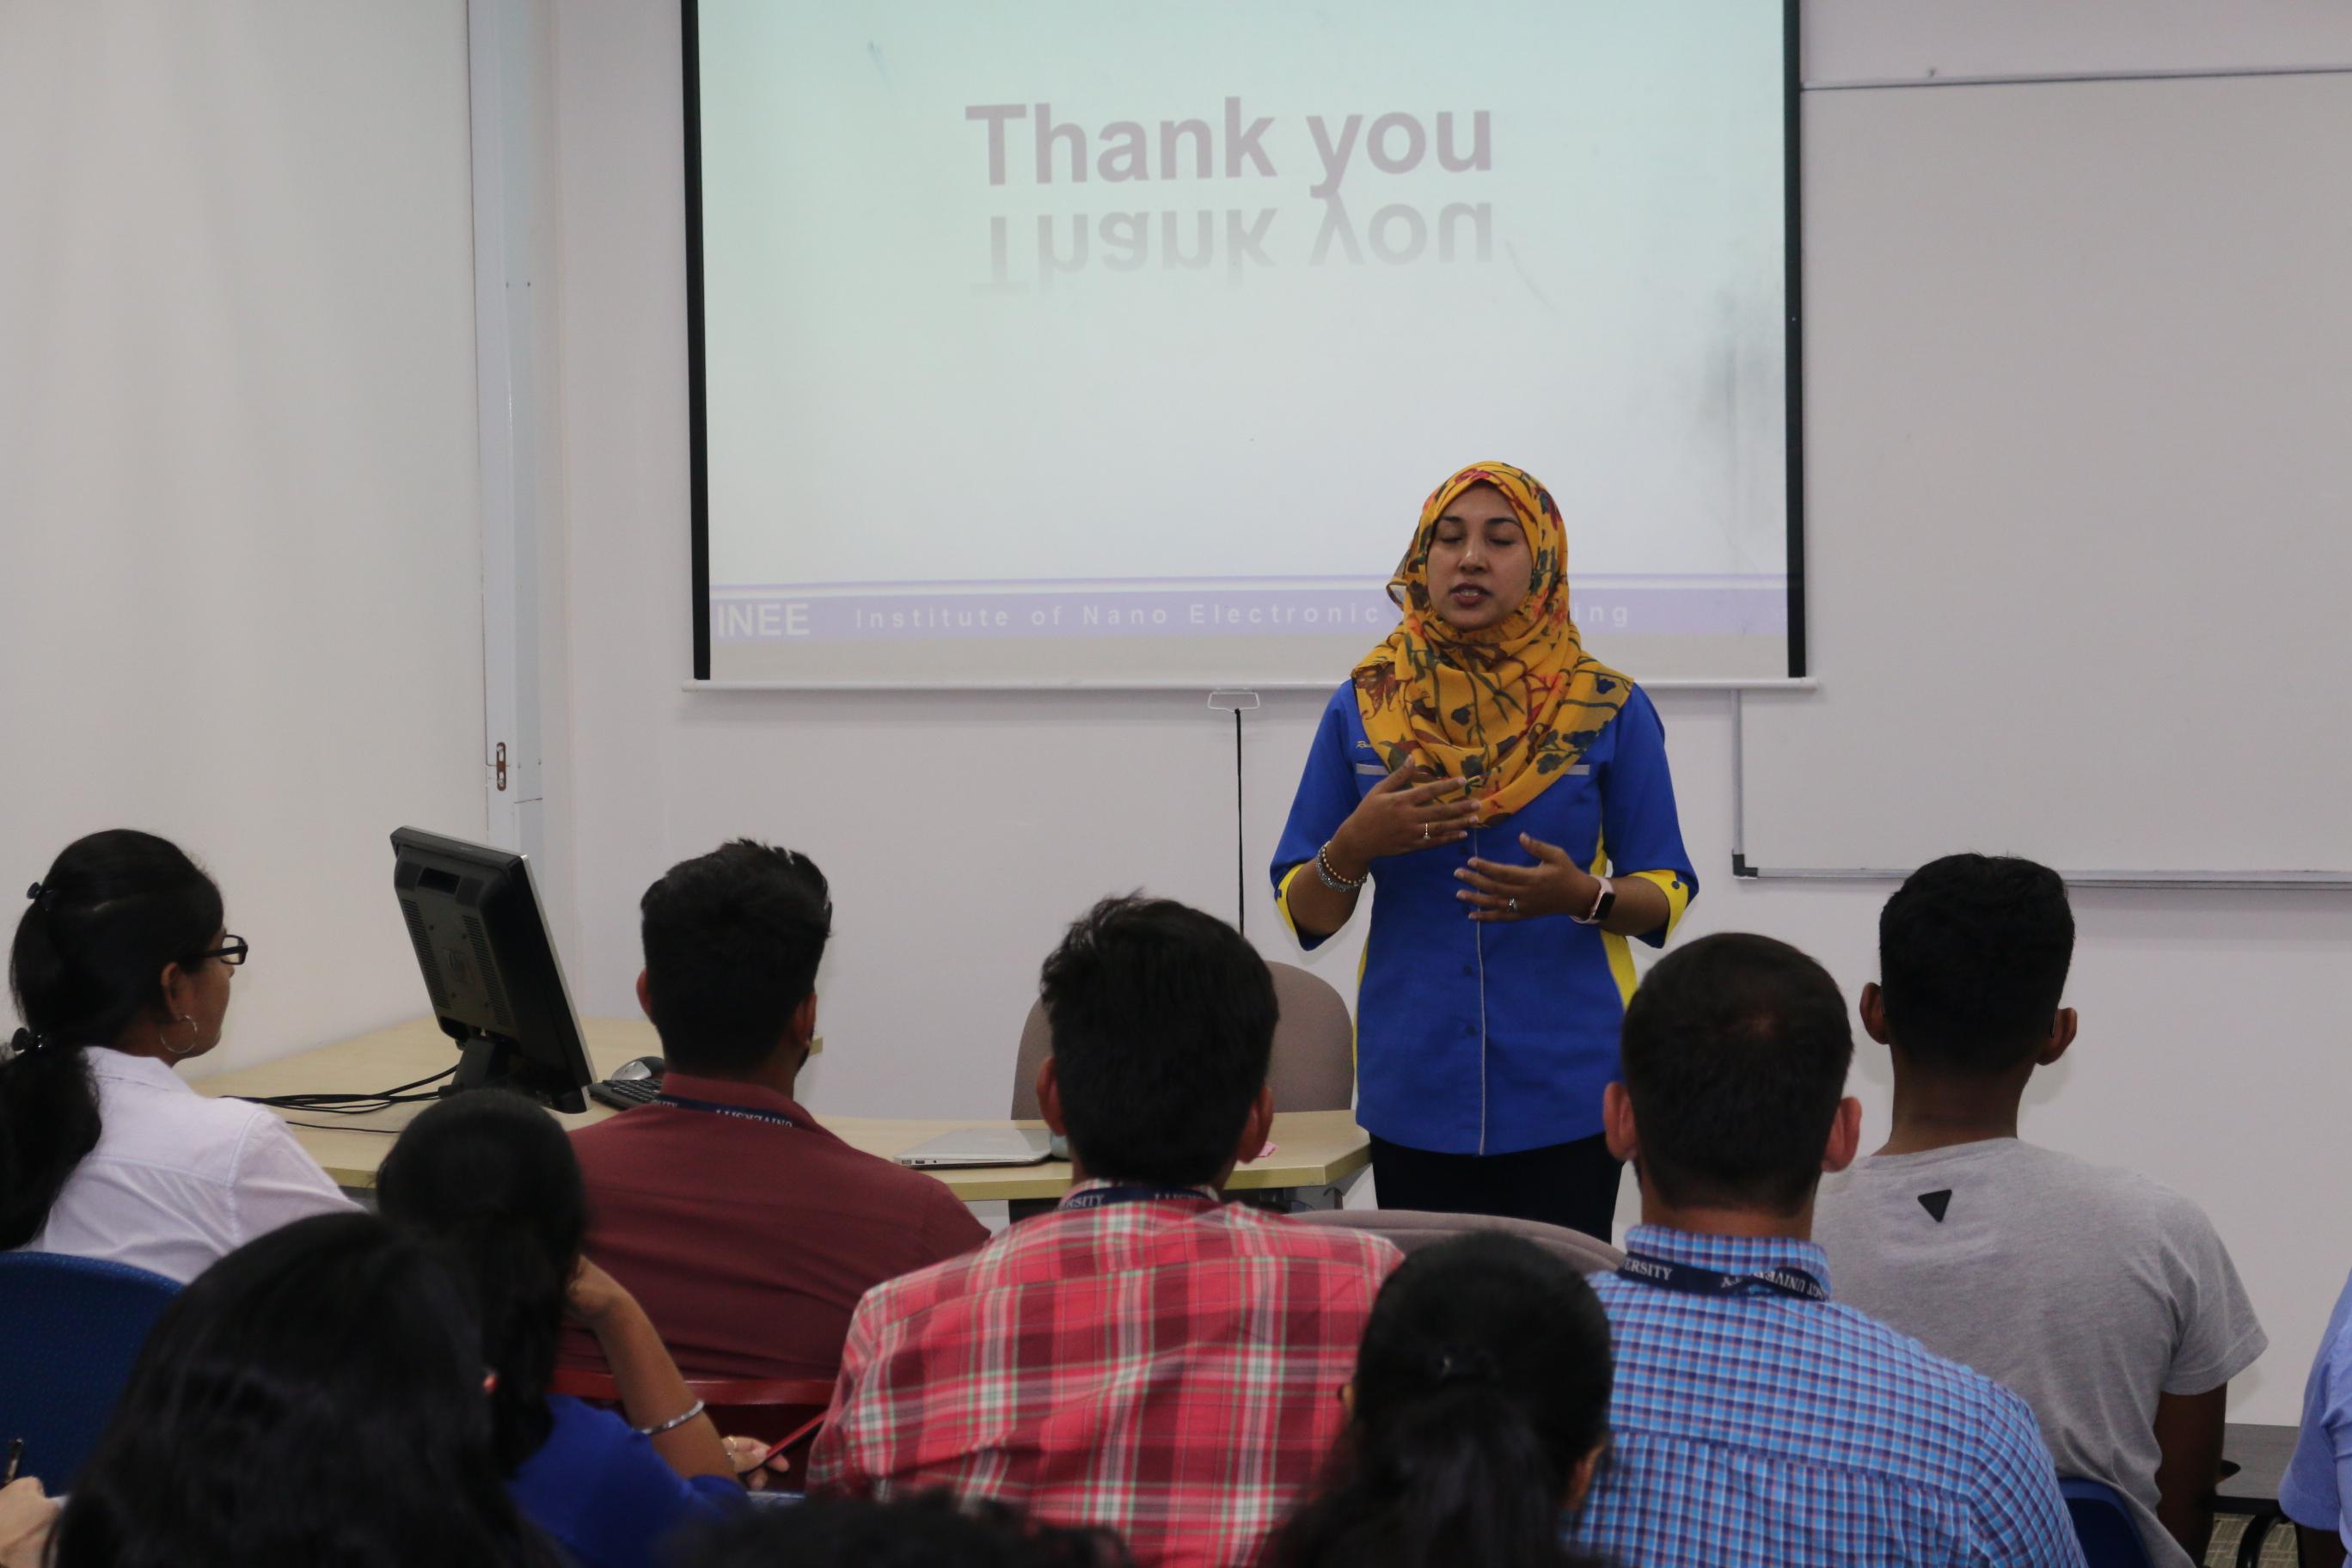 technical talk on nanotechnology